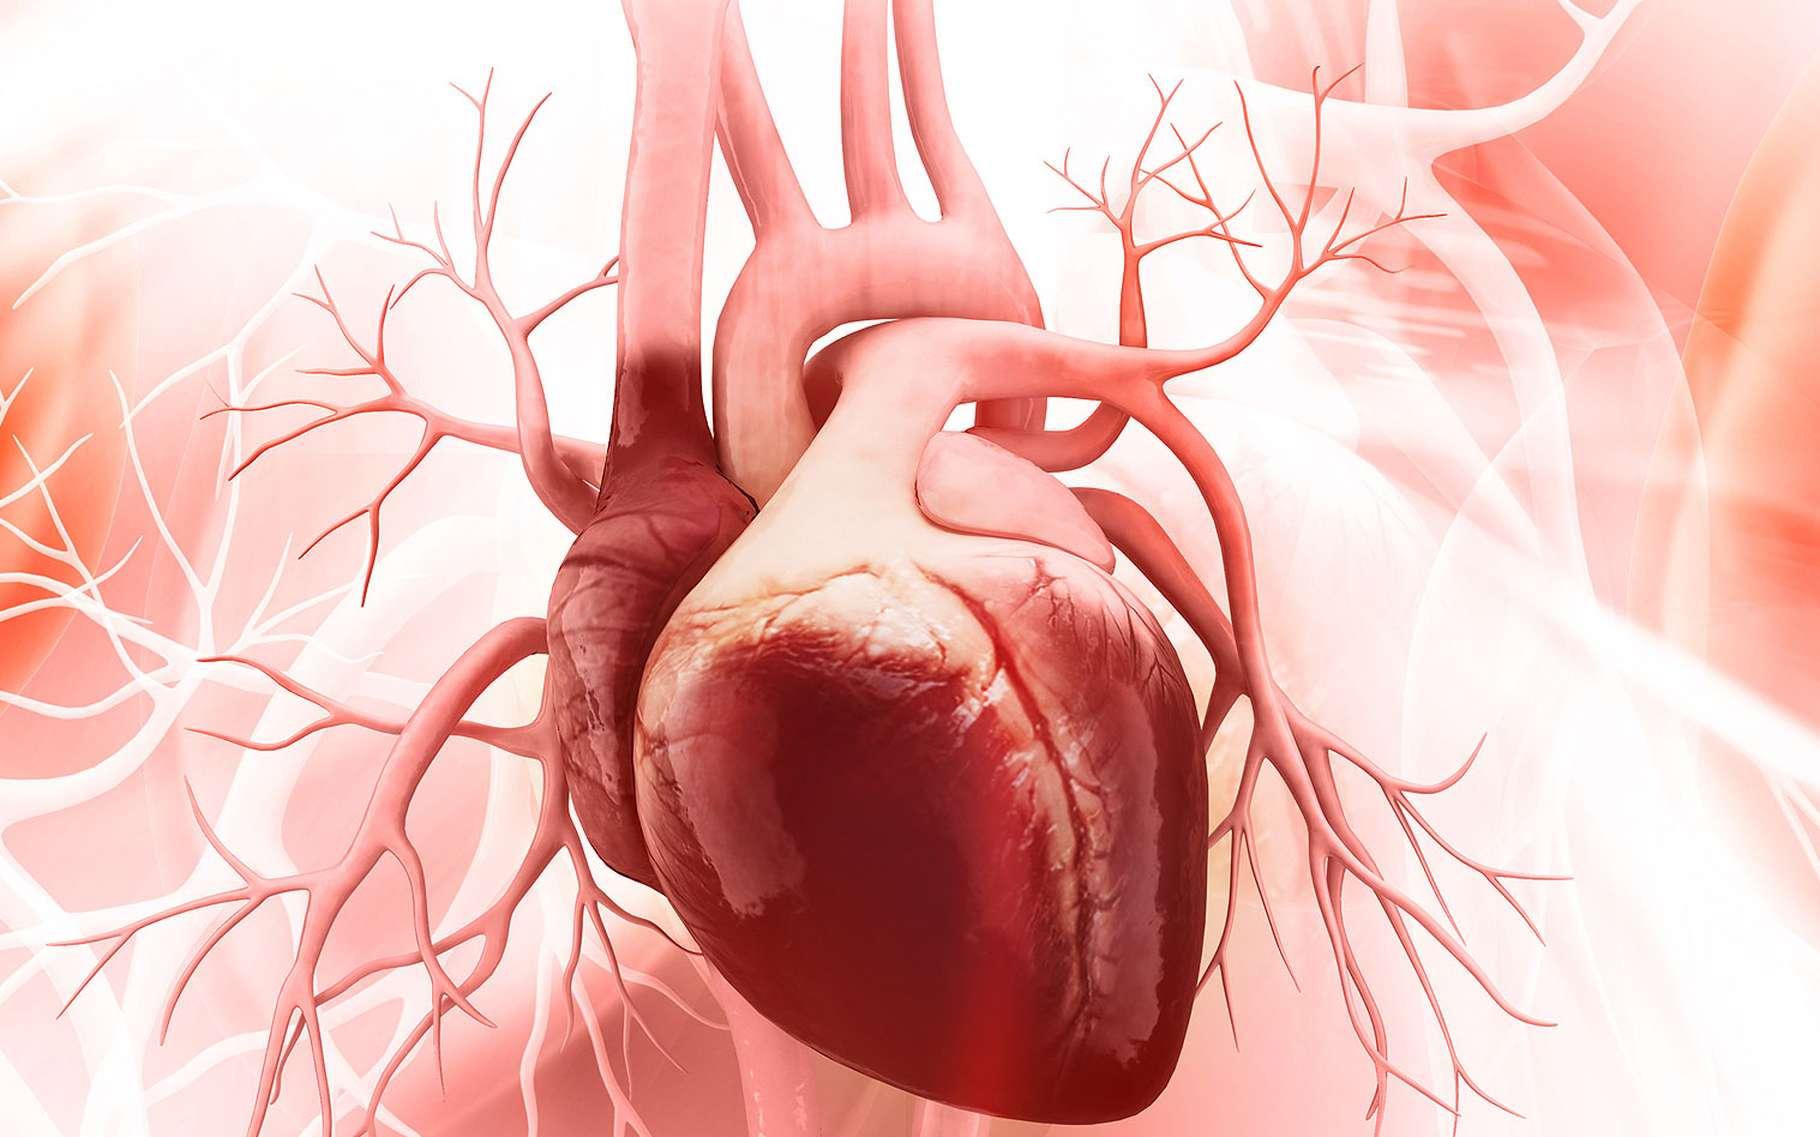 Le cœur, organe de vie | Dossier